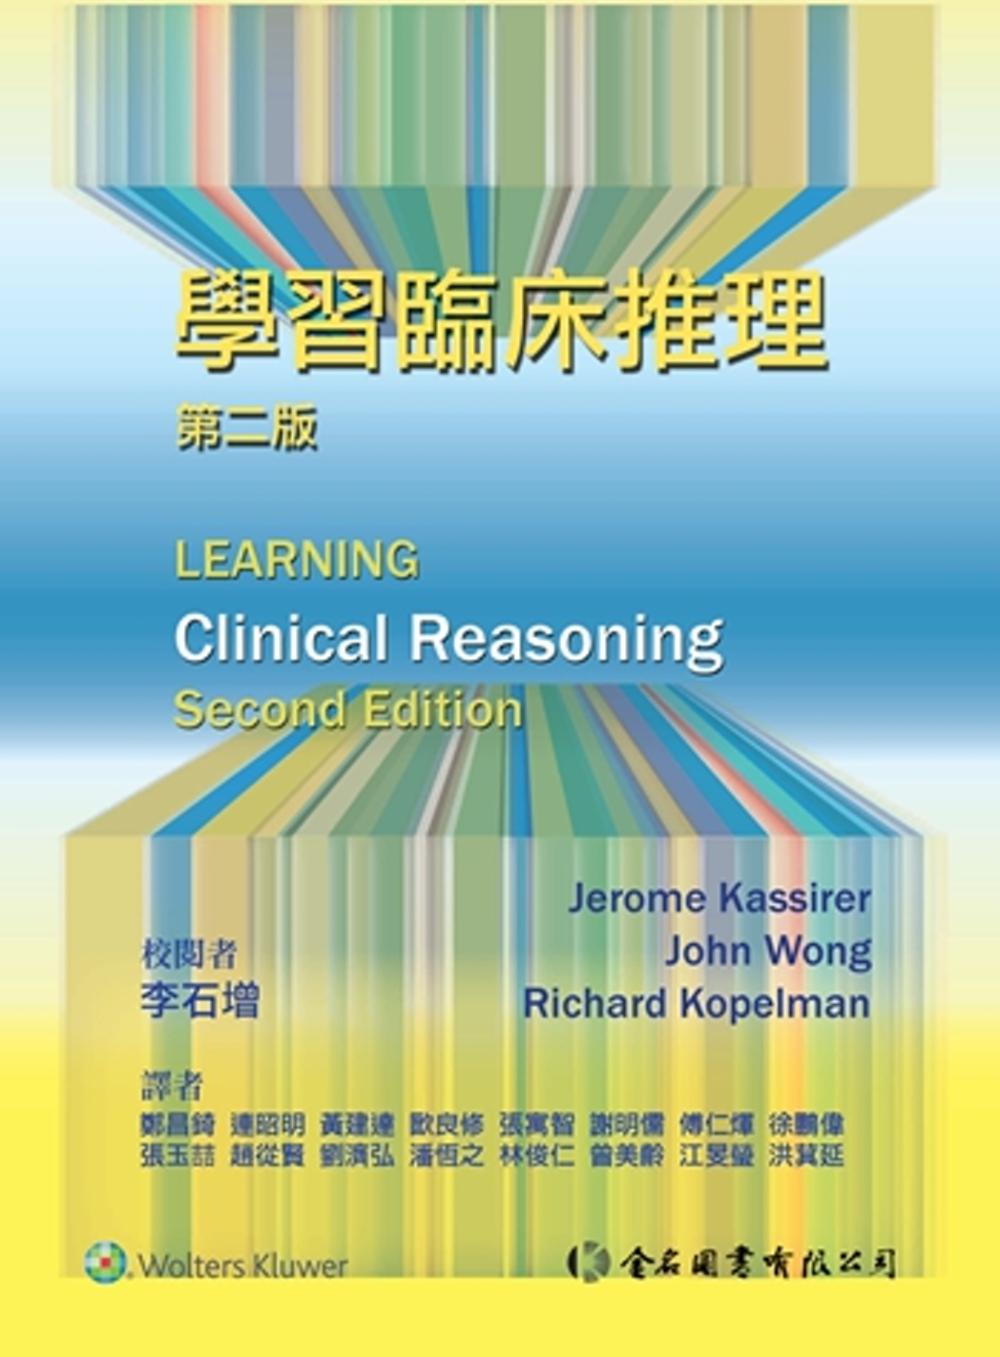 學習臨床推理(第二版)